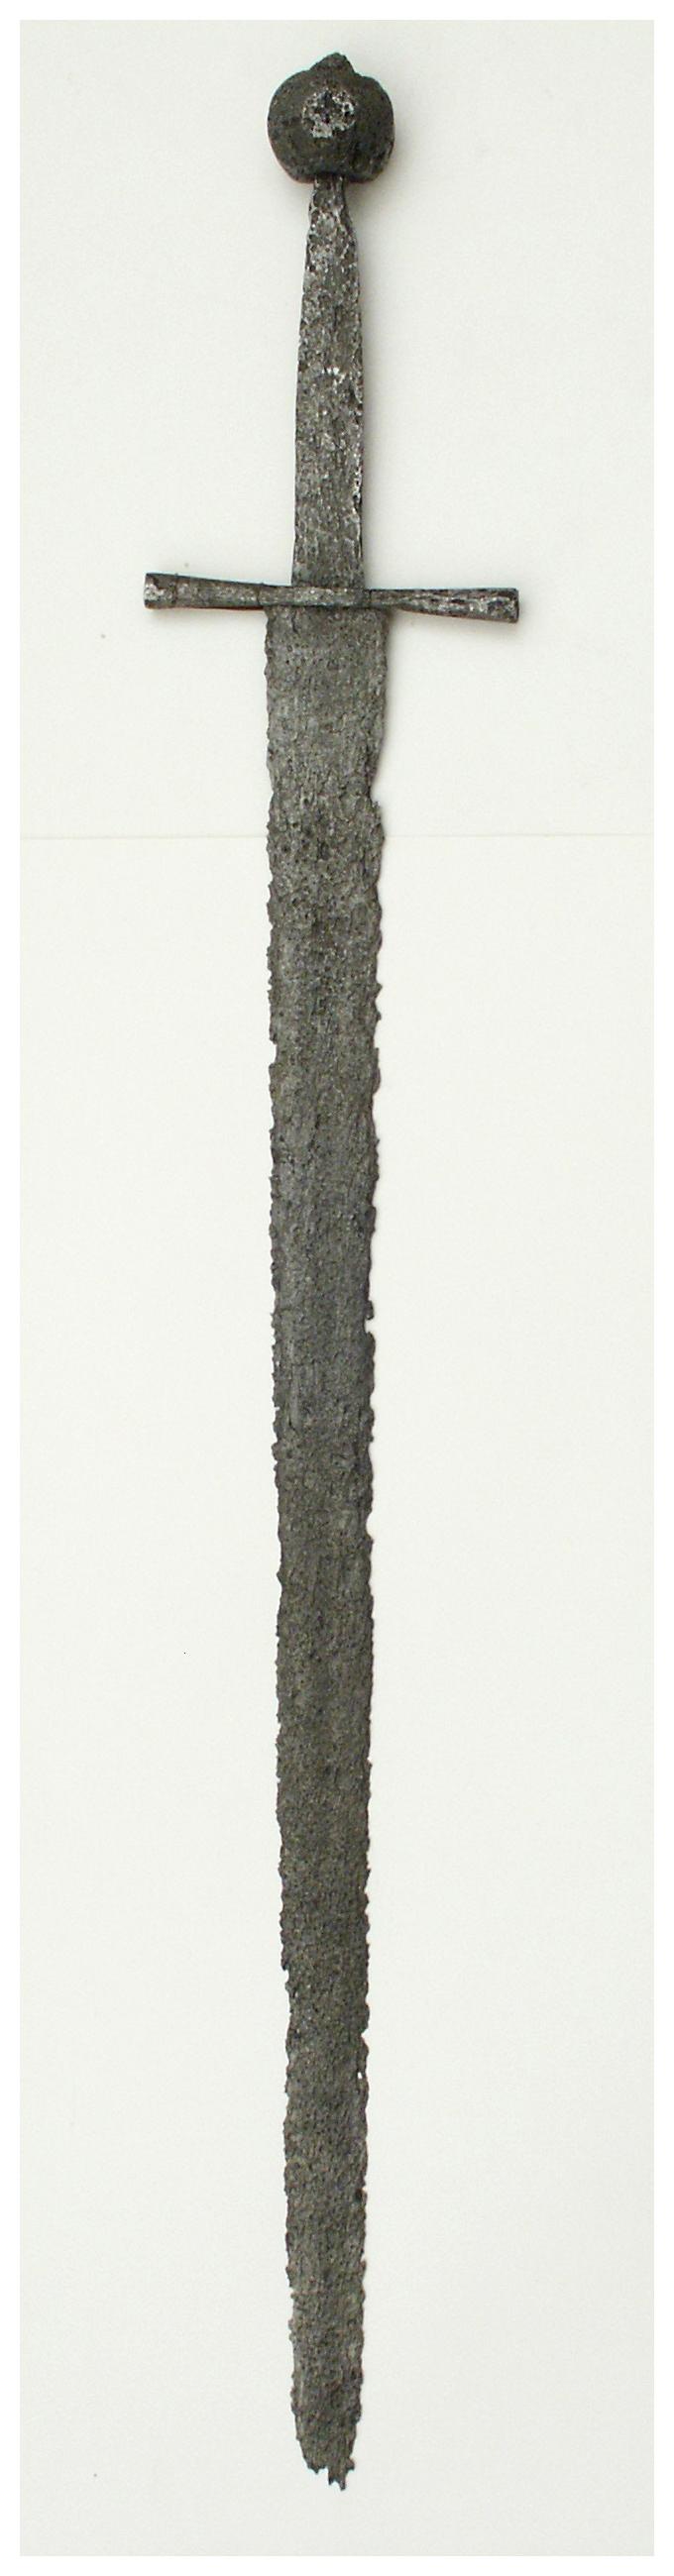 Miecz z XIII/XIV wieku; znaleziony w m. Przydatki pow. Sztum,